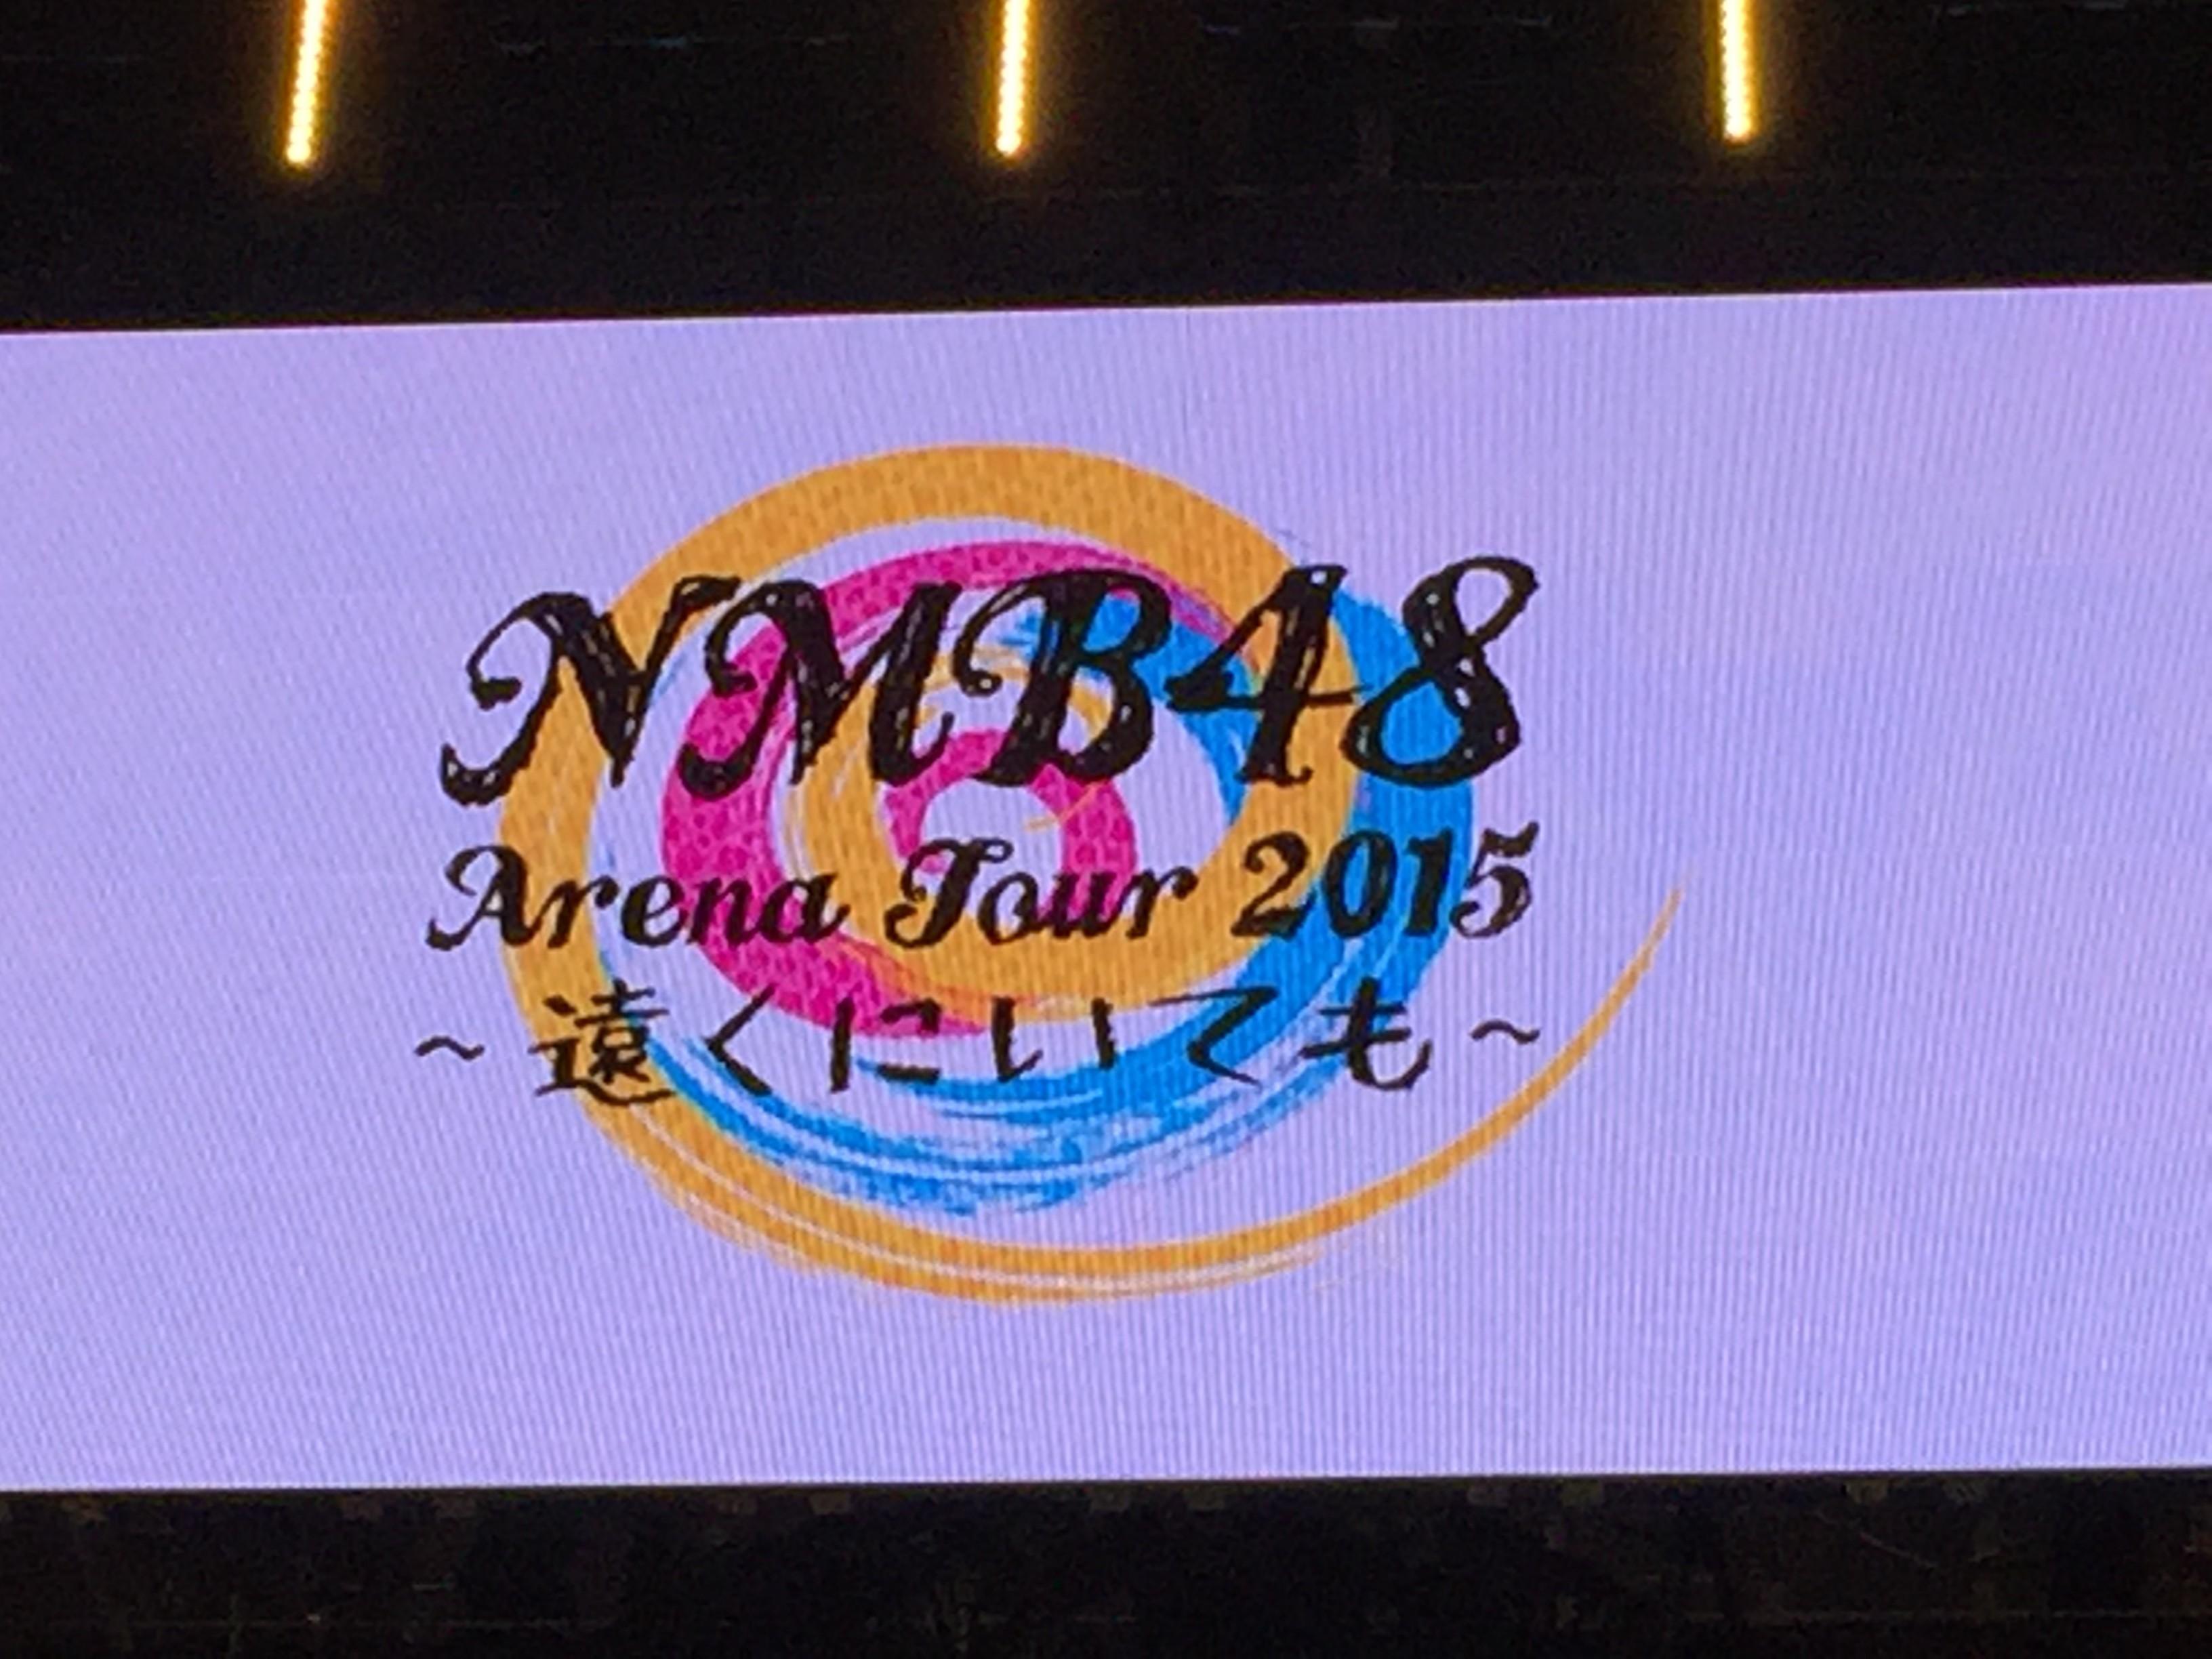 【画像あり】NMB48アリーナツアー武道館公演が超満員の大盛況♡のサムネイル画像